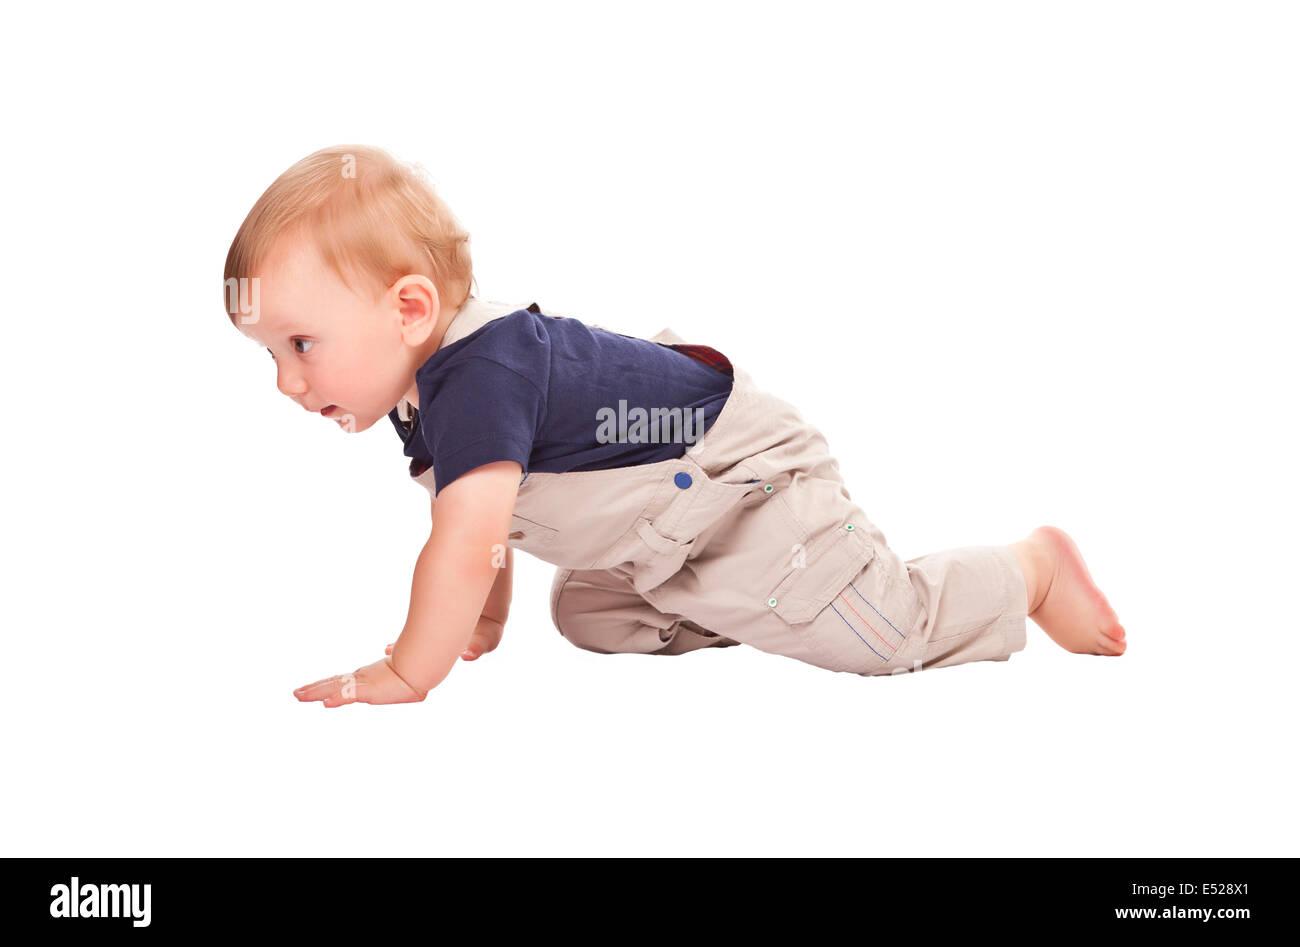 child crawl isolated on white background - Stock Image